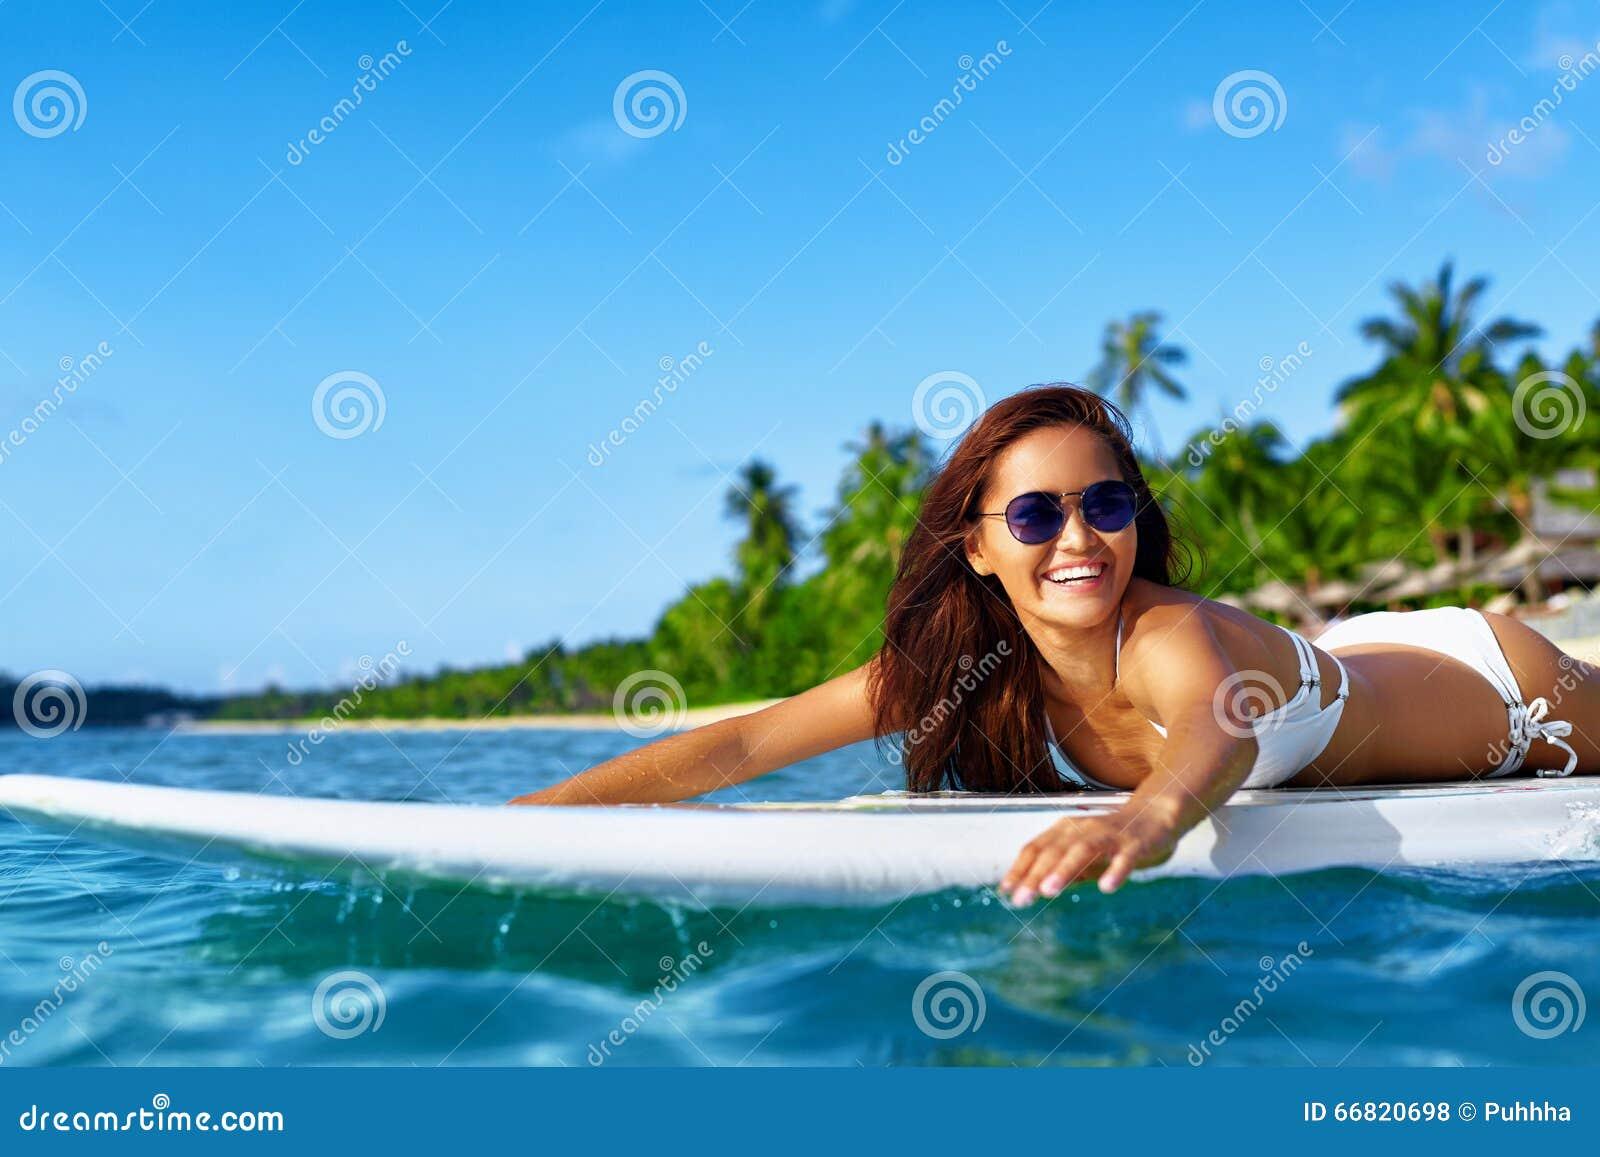 Aventura del verano Deportes de agua Mujer que practica surf en el mar Viaje VAC